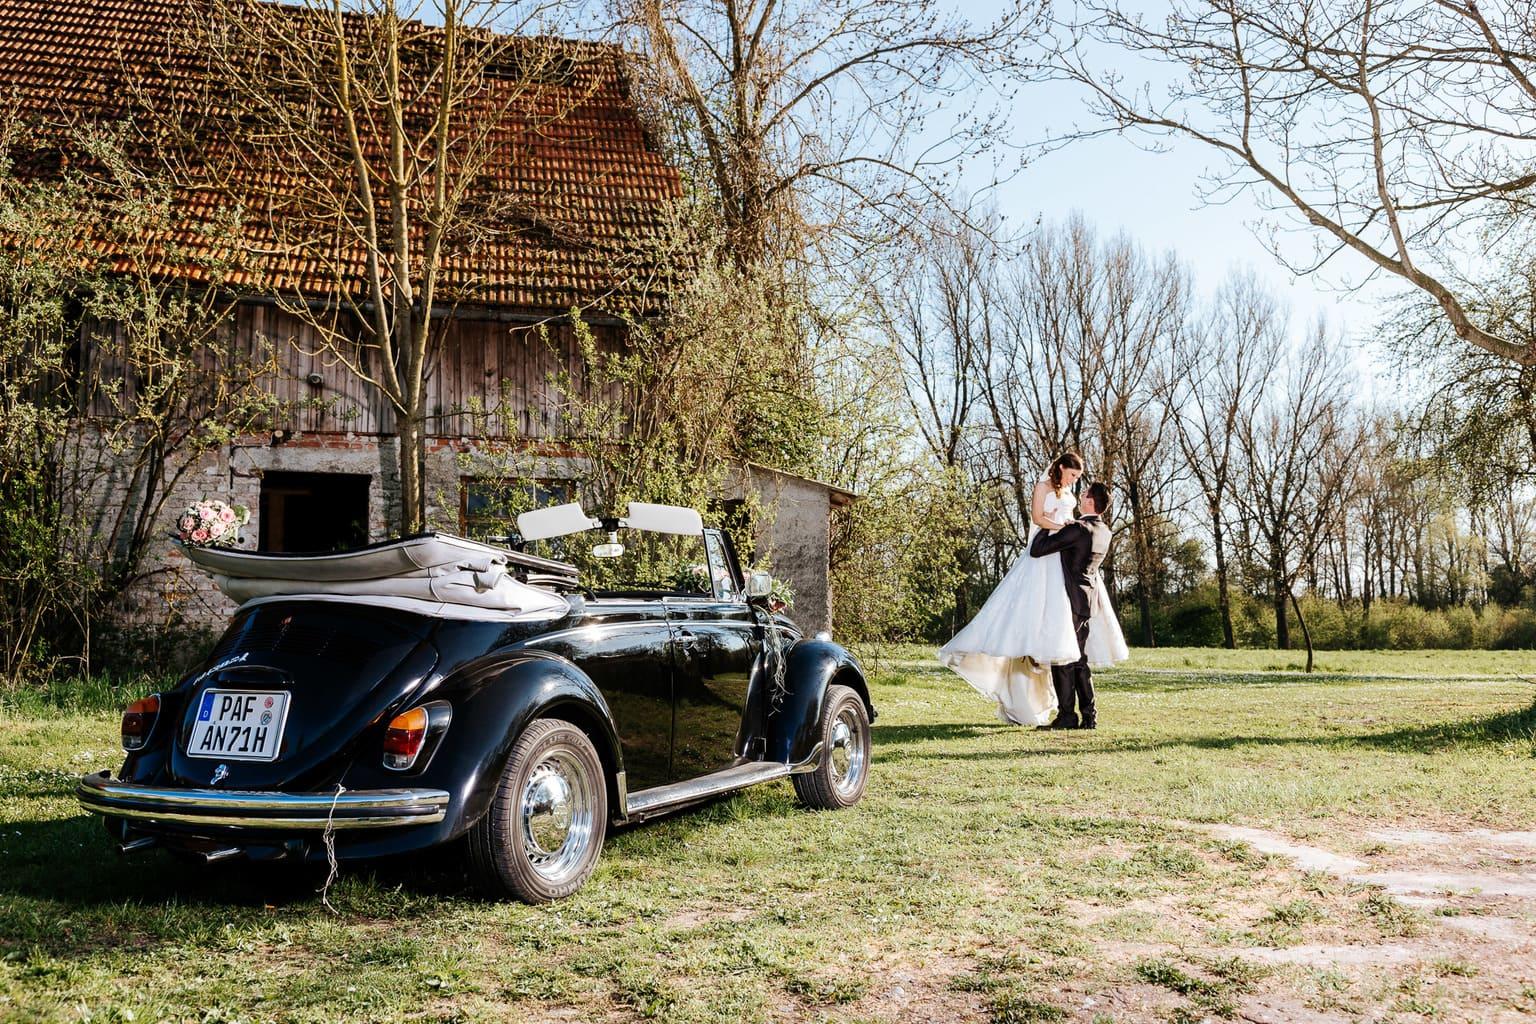 Hochzeitsfotograf Markus Baumann Lichtbetont - Ingolstadt - Eichstätt, Neuburg, Fotograf München, Fotografie Augsburg - Hochzeitsfotos - Portfolio0093